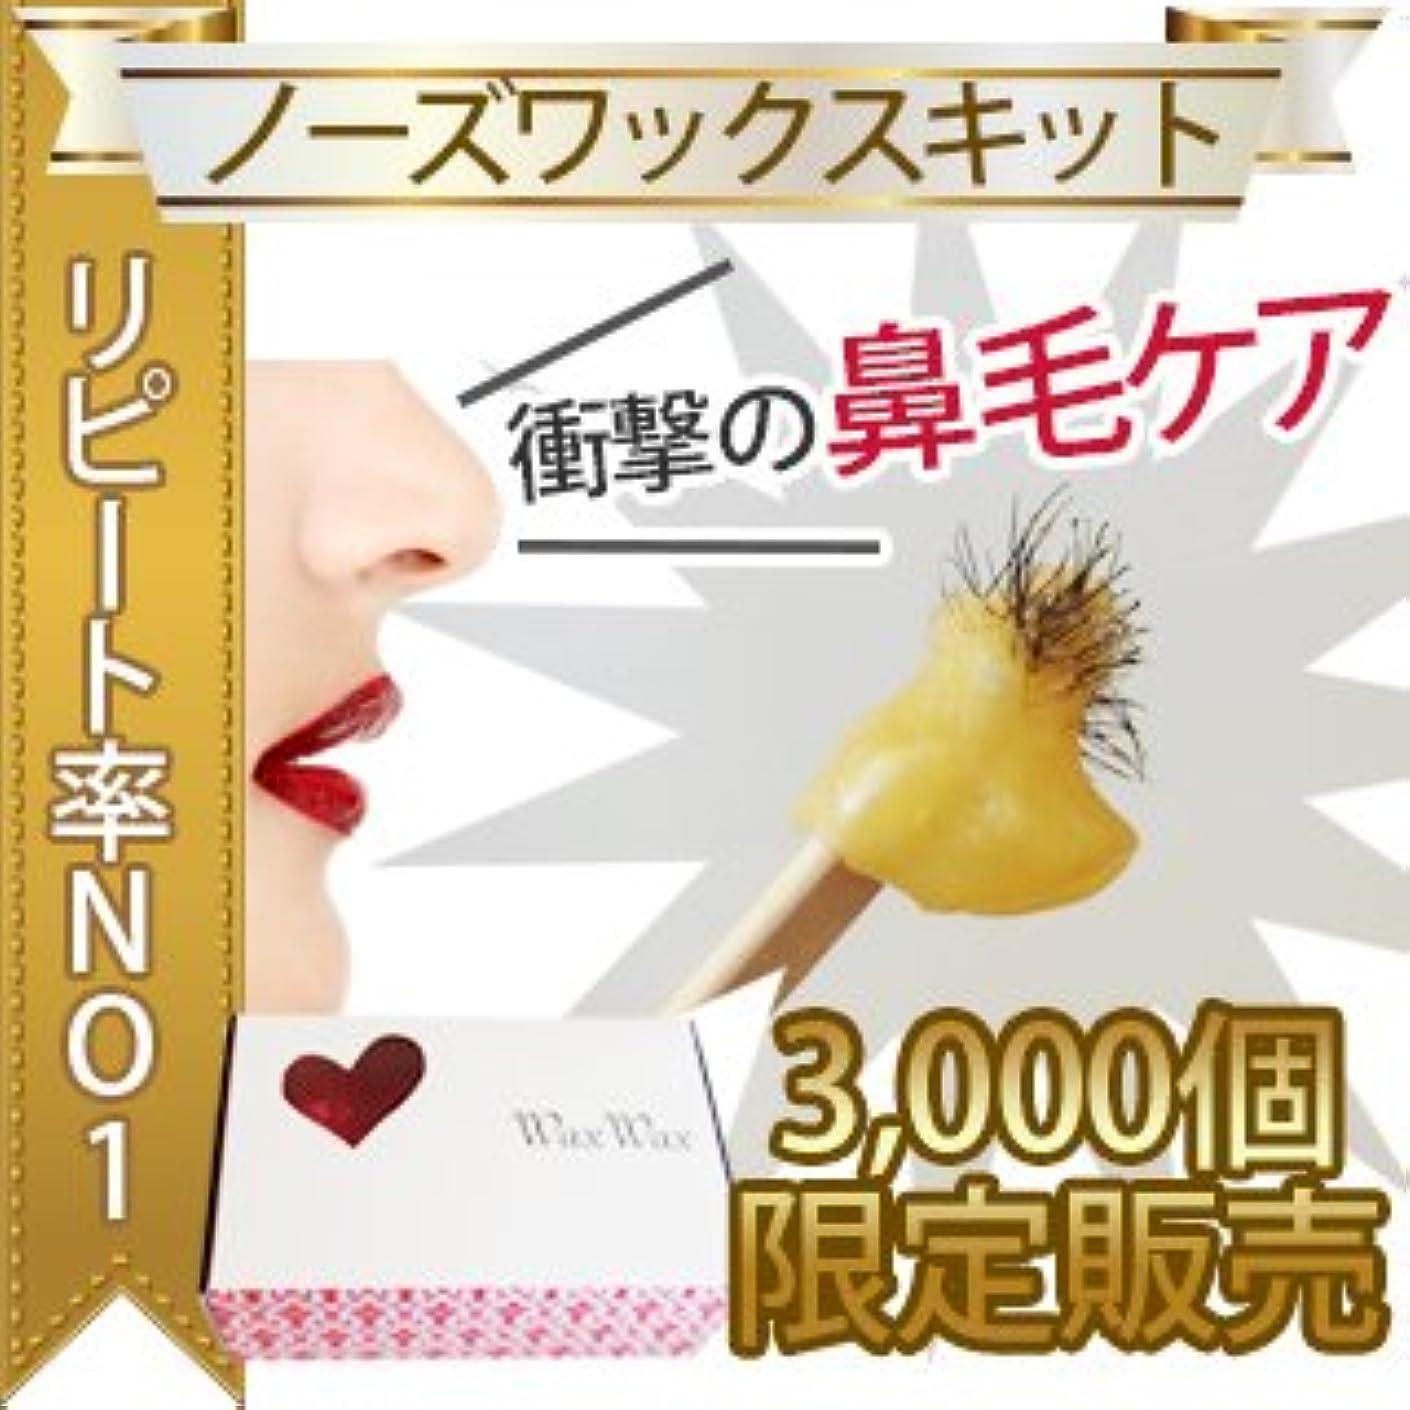 どのくらいの頻度で作者オーケストラ【3000個限定】鼻毛キット 約3回分 ノーズキット セルフ用